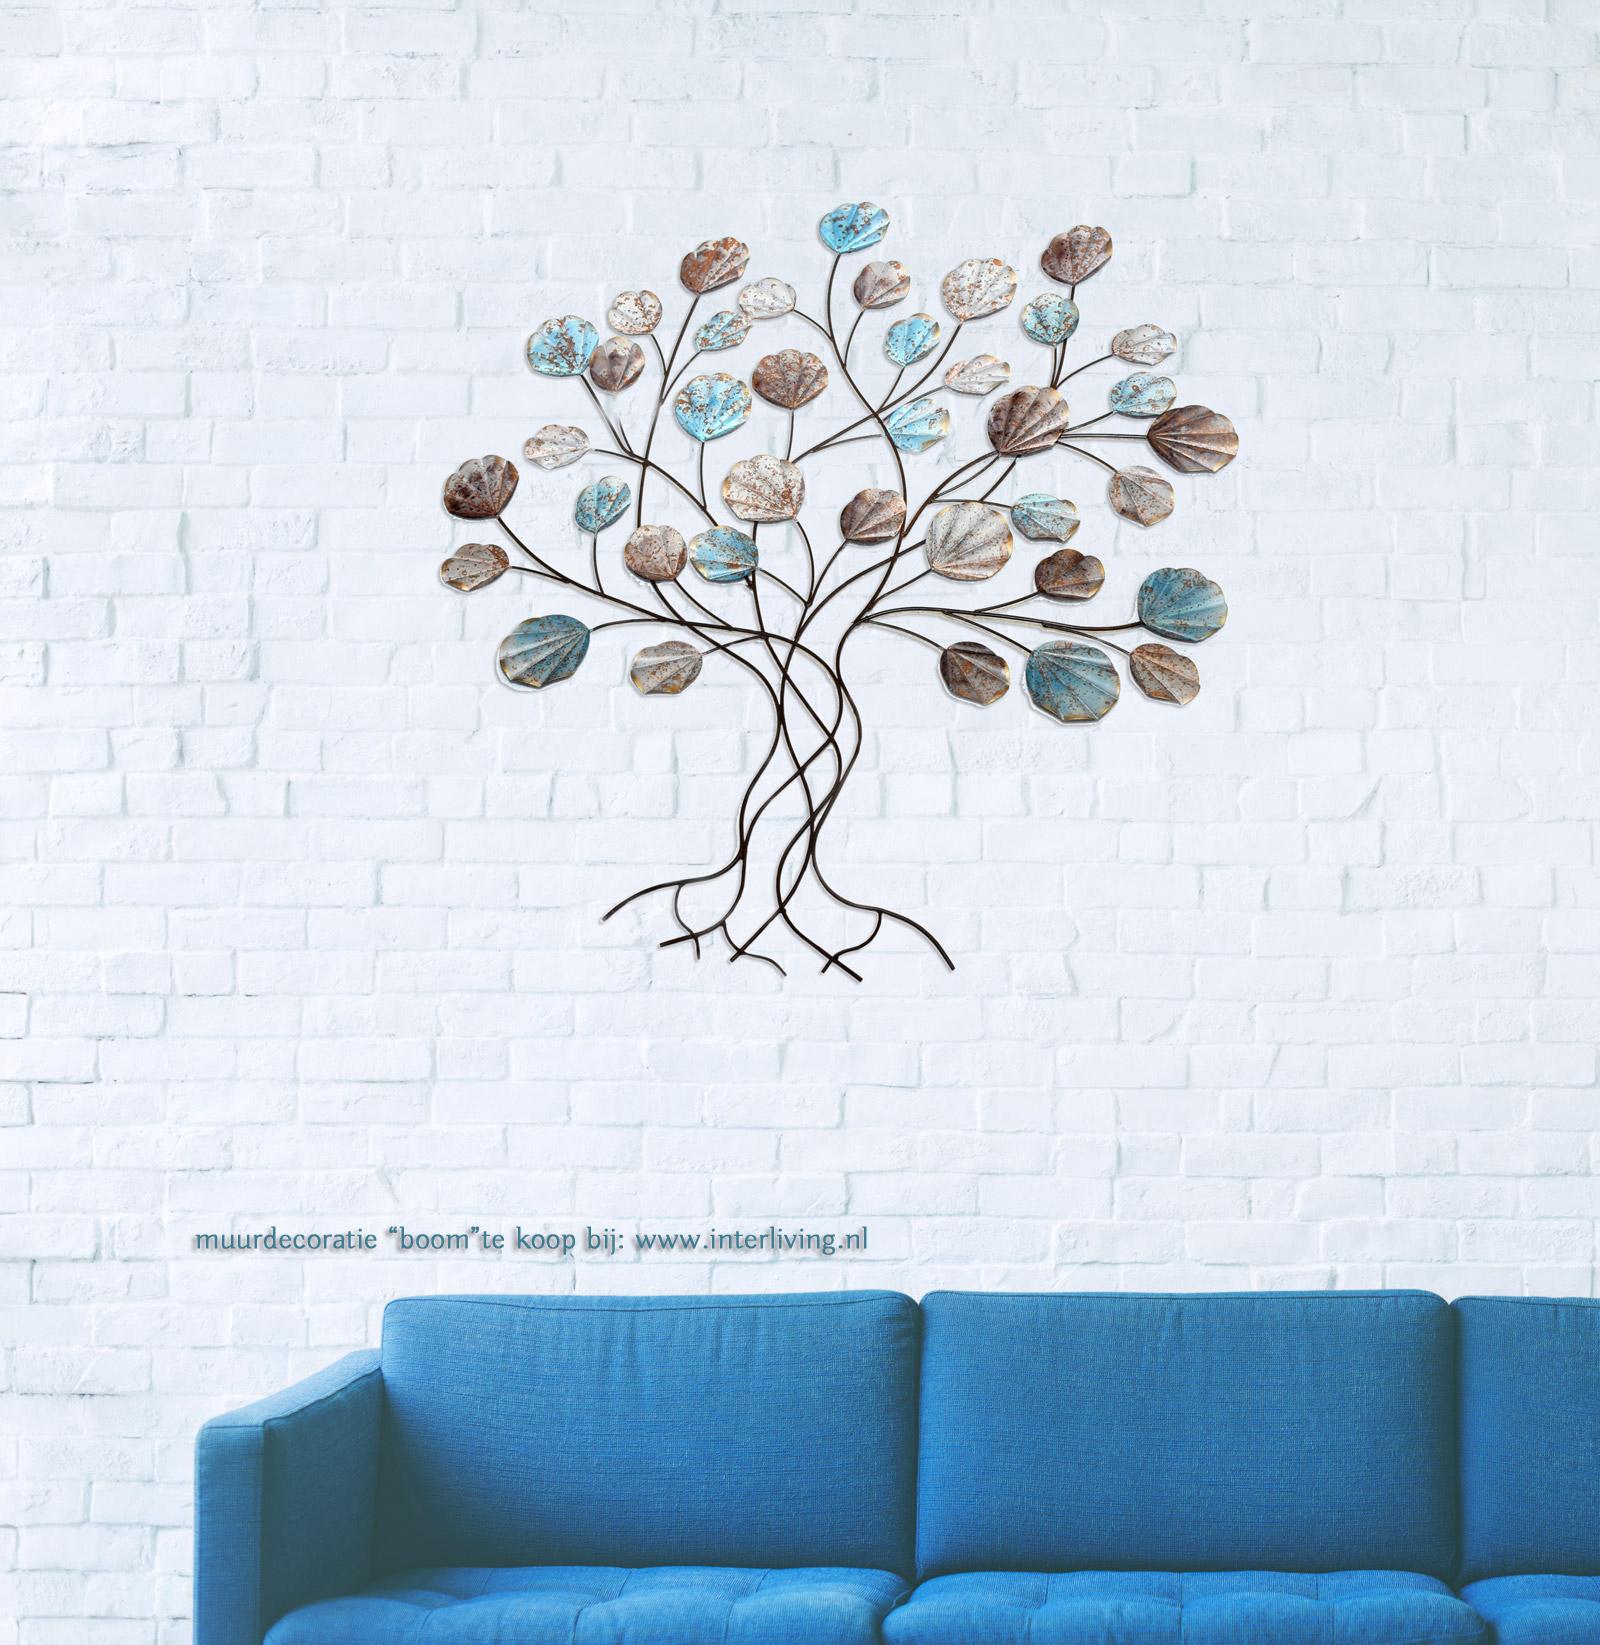 Wanddecoratie Buiten Metaal.3d Metalen Wandpaneel Van School Vissen En Boom Grijs Metaal